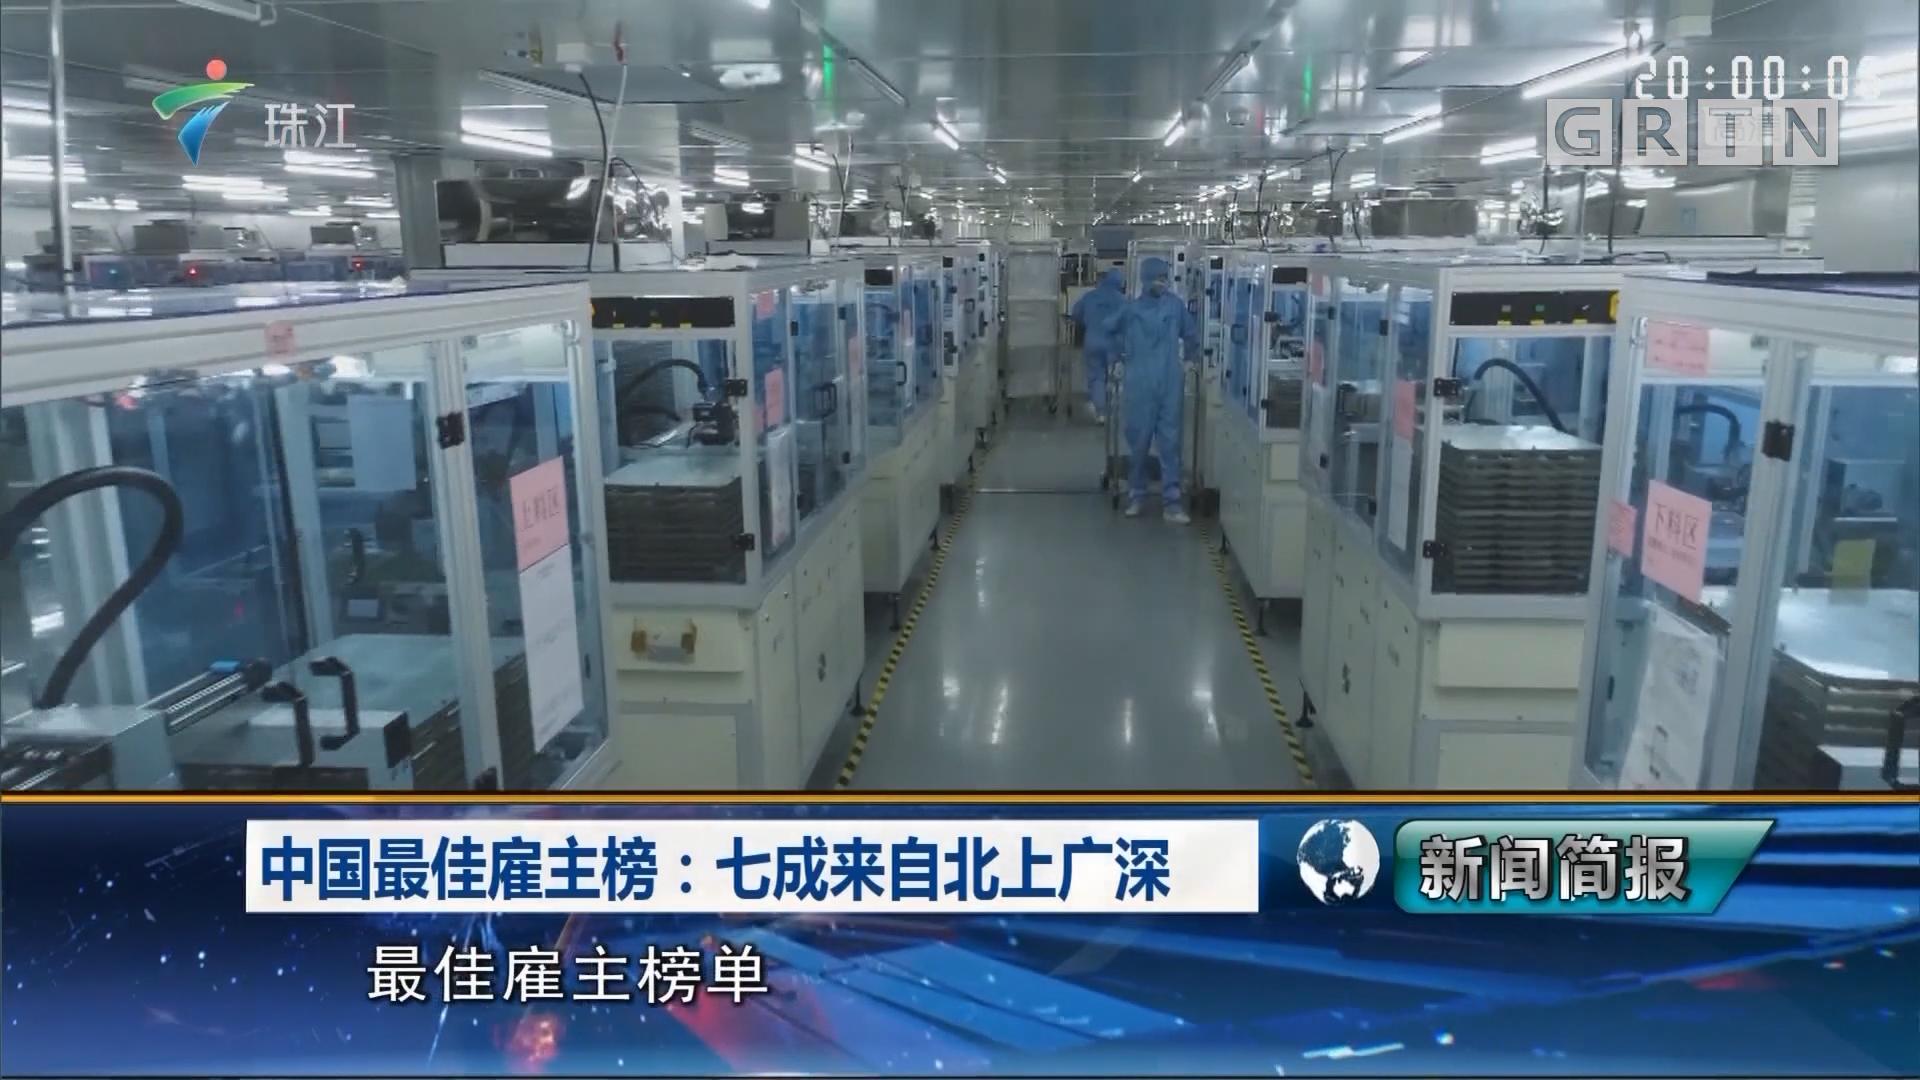 中国最佳雇主榜:七成来自北上广深